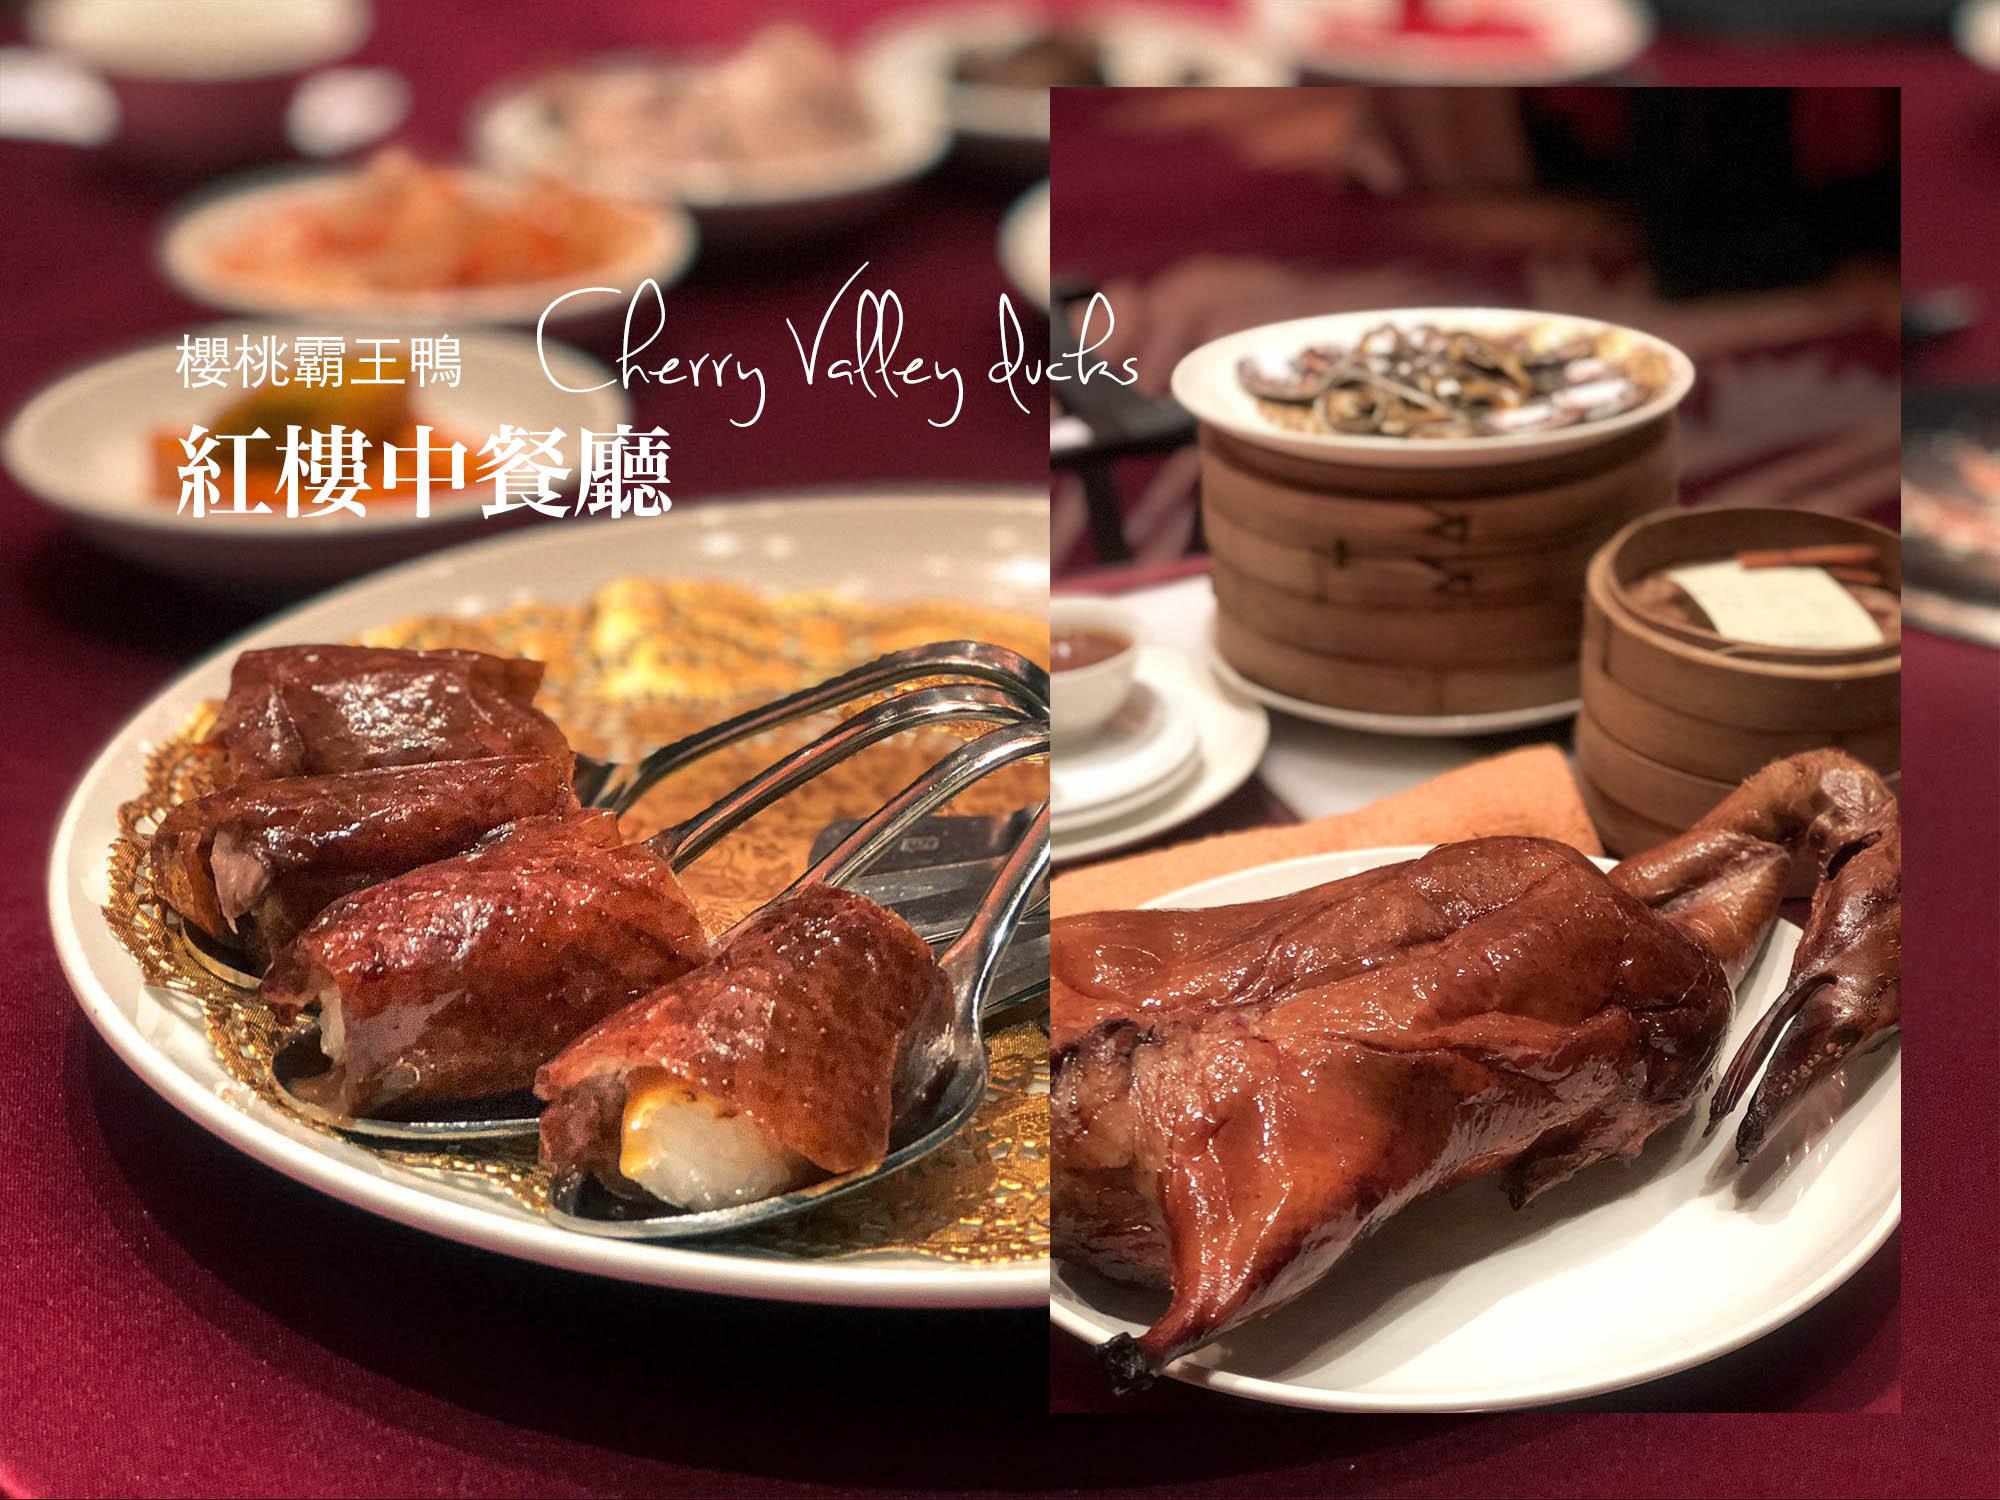 宜蘭蘭城晶英櫻桃鴨|冠軍烤鴨當之無愧!皮酥肉嫩真的太太好吃!(內含價位、菜單menu)